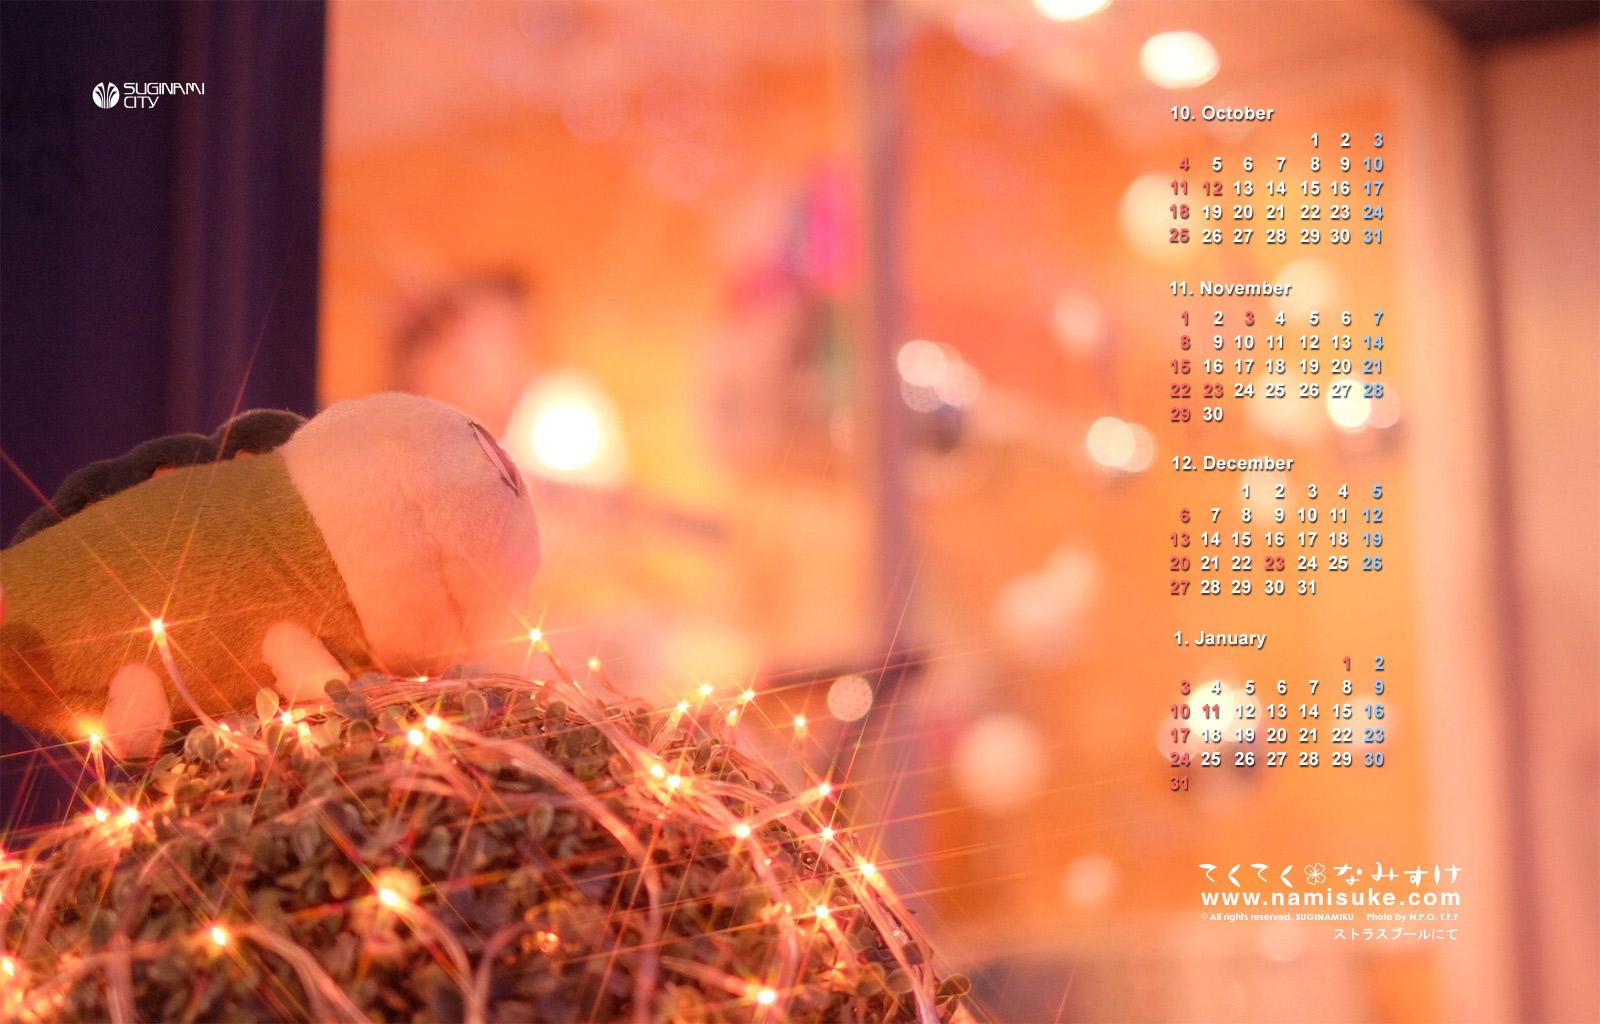 カレンダー 2015 年間カレンダー : 壁紙 カレンダー 2016   Calendar ...